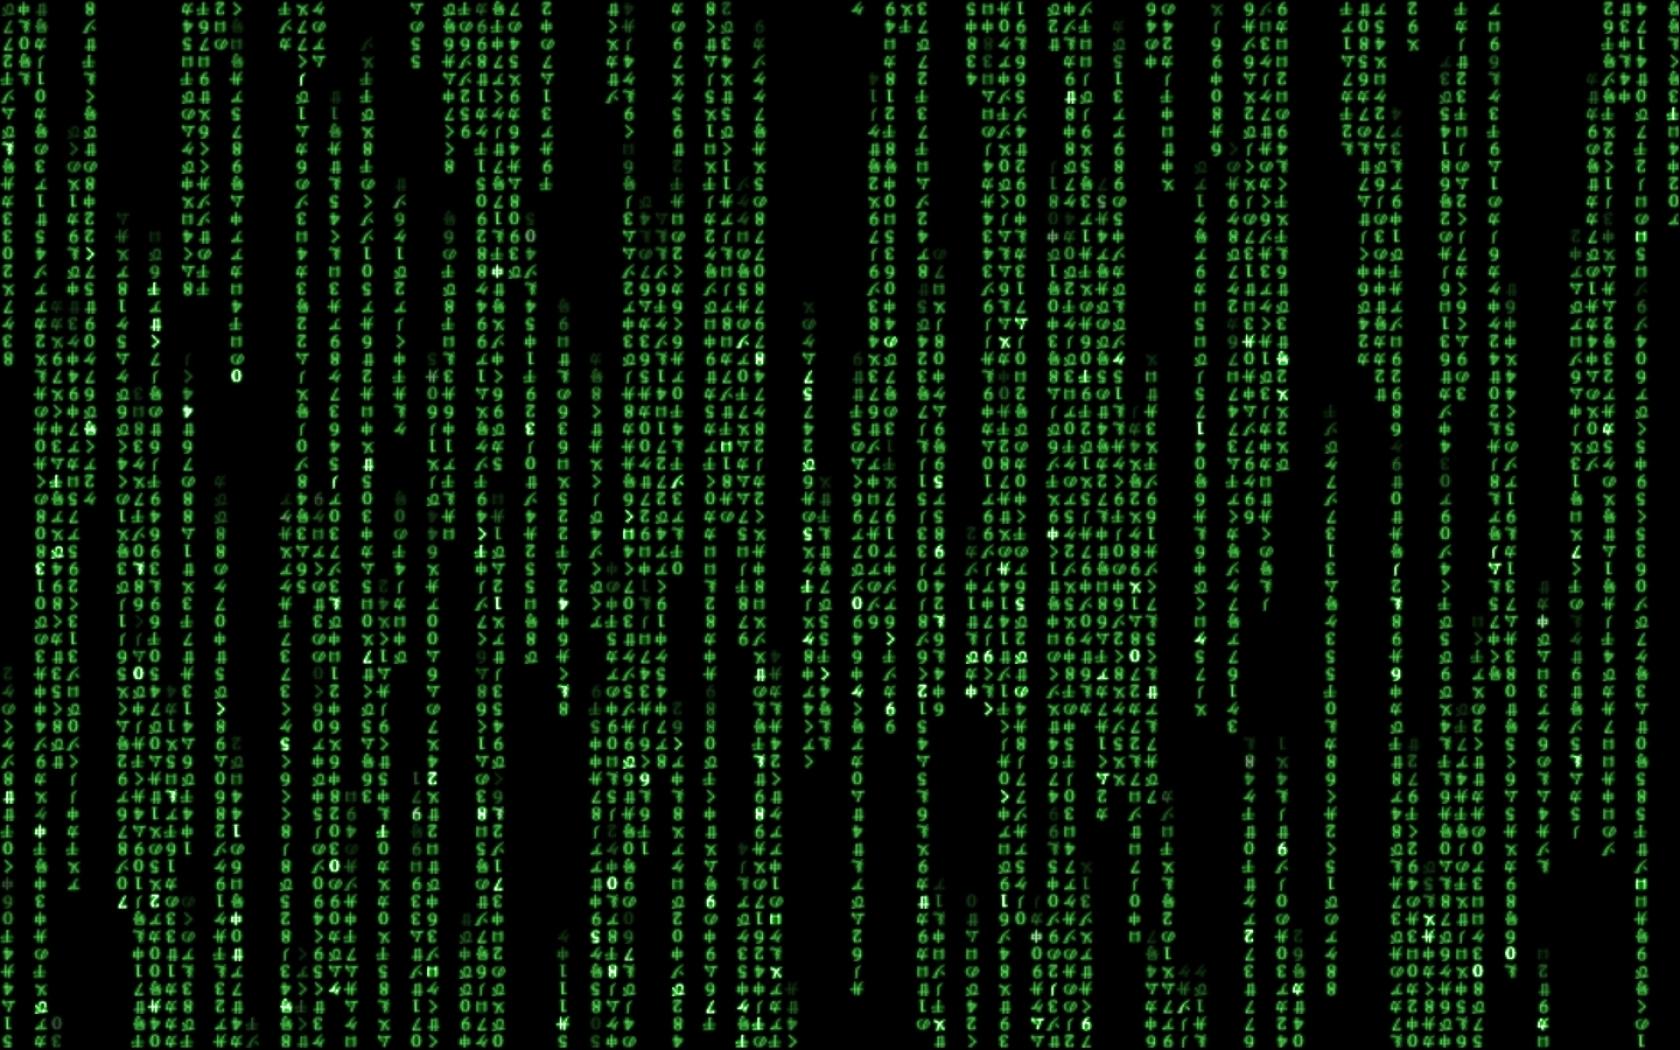 matrix code hollywood 2880x900 wallpaper Art HD Wallpaper download 1680x1050